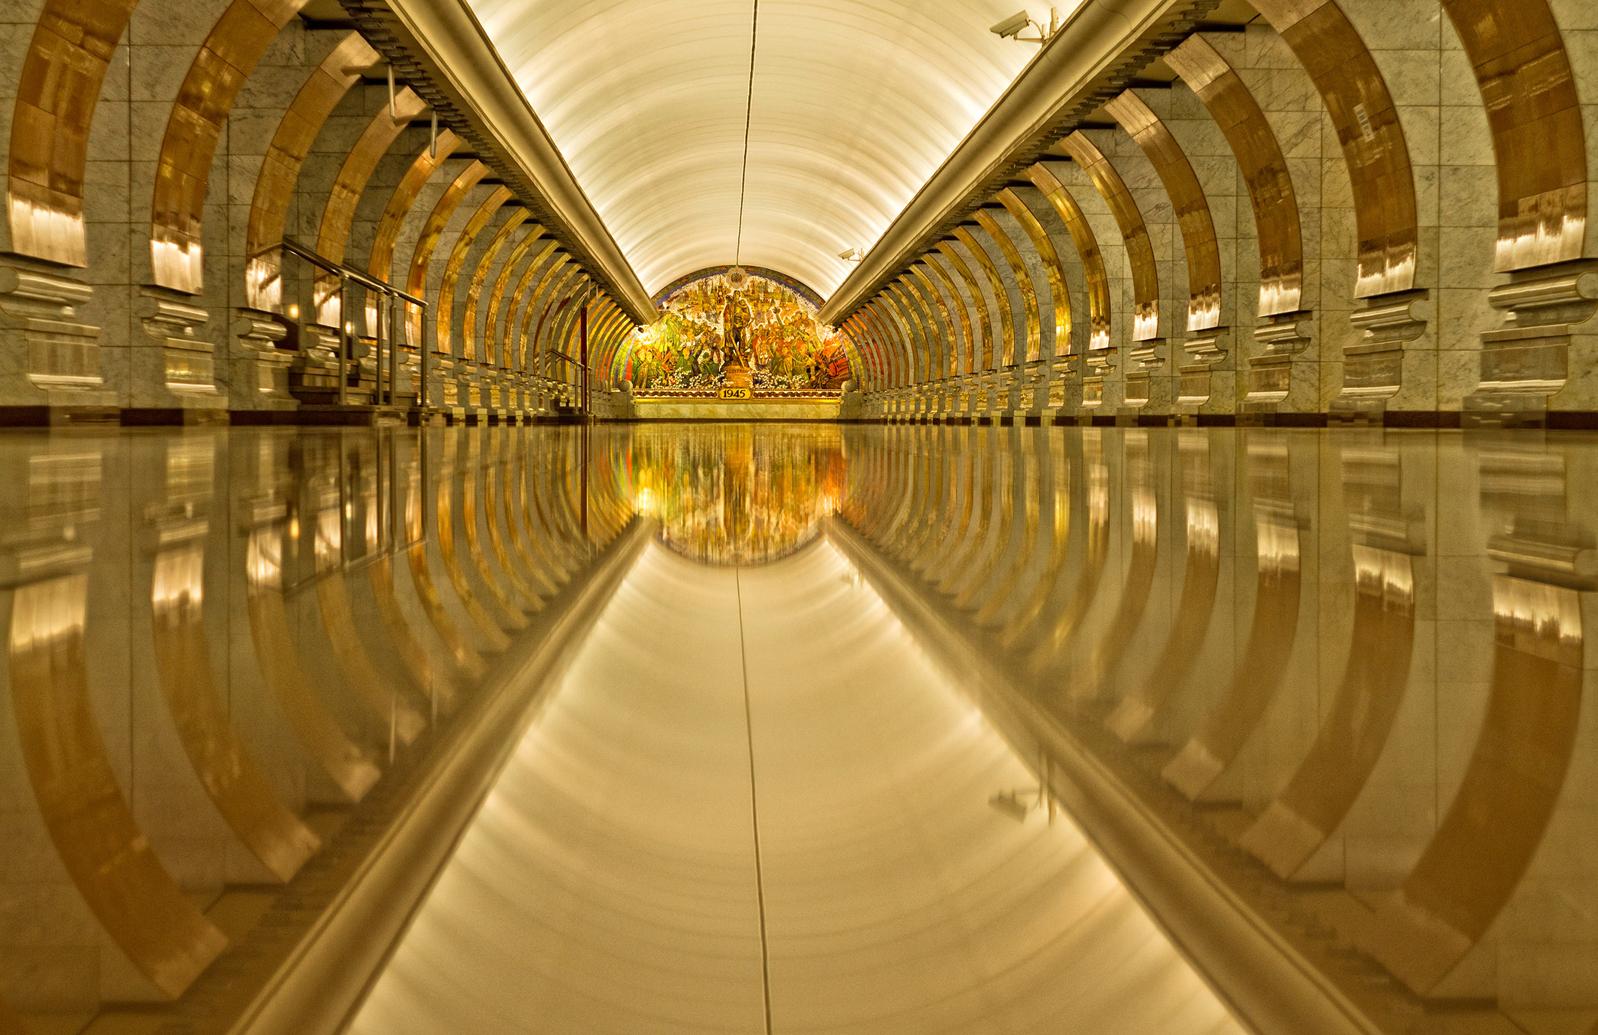 Kievskaya Station, Moscow, Russia